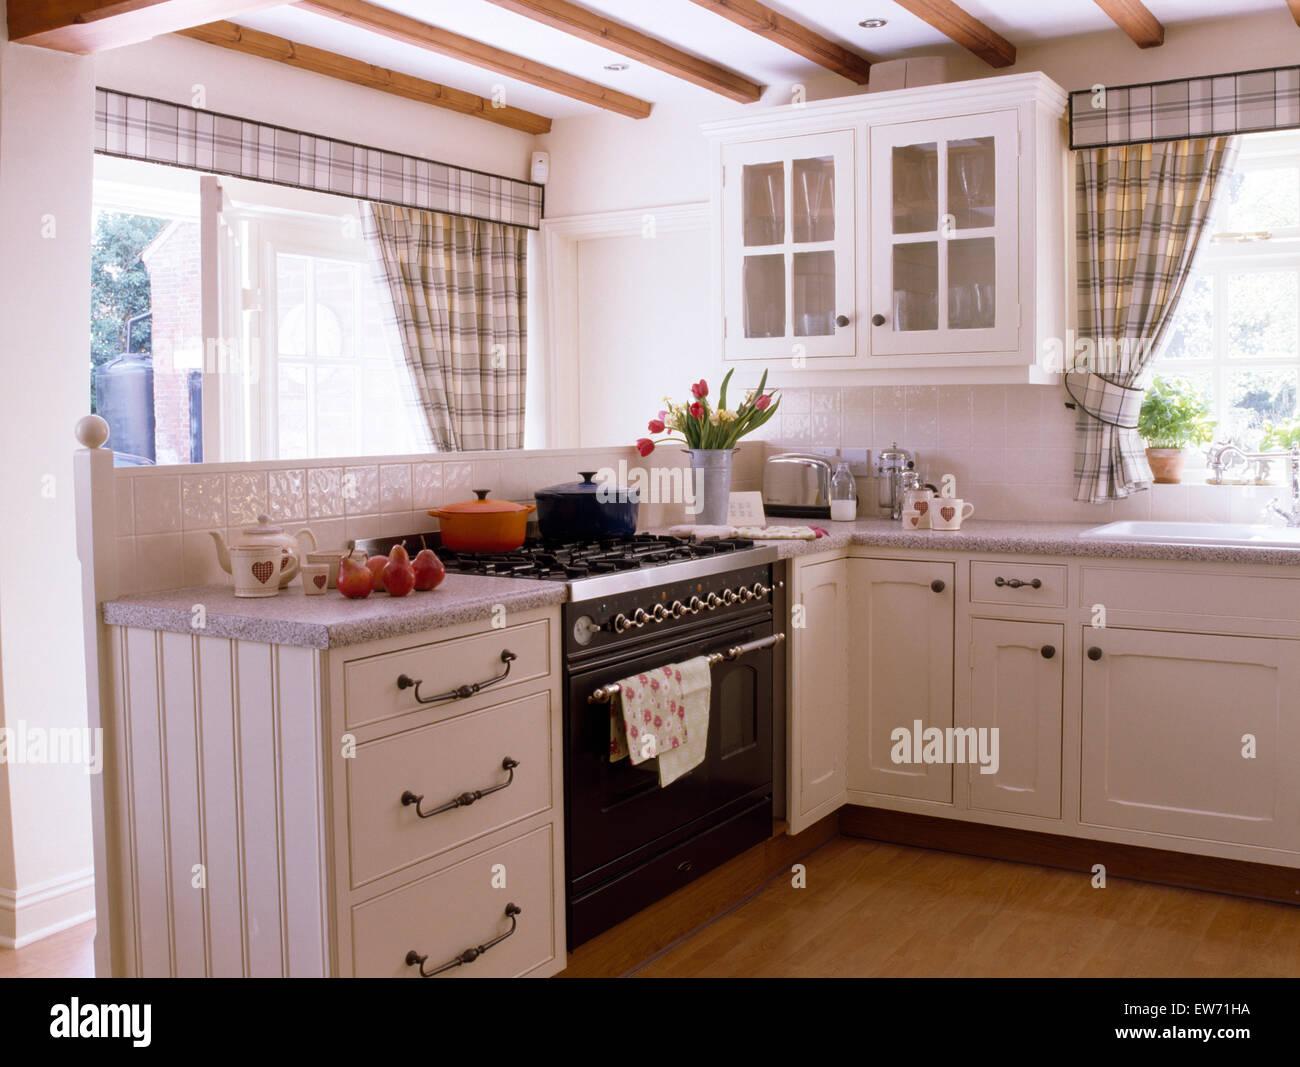 Cuisiniere Four Noir En Blanc Cuisine Cottage Avec Rideaux Gris